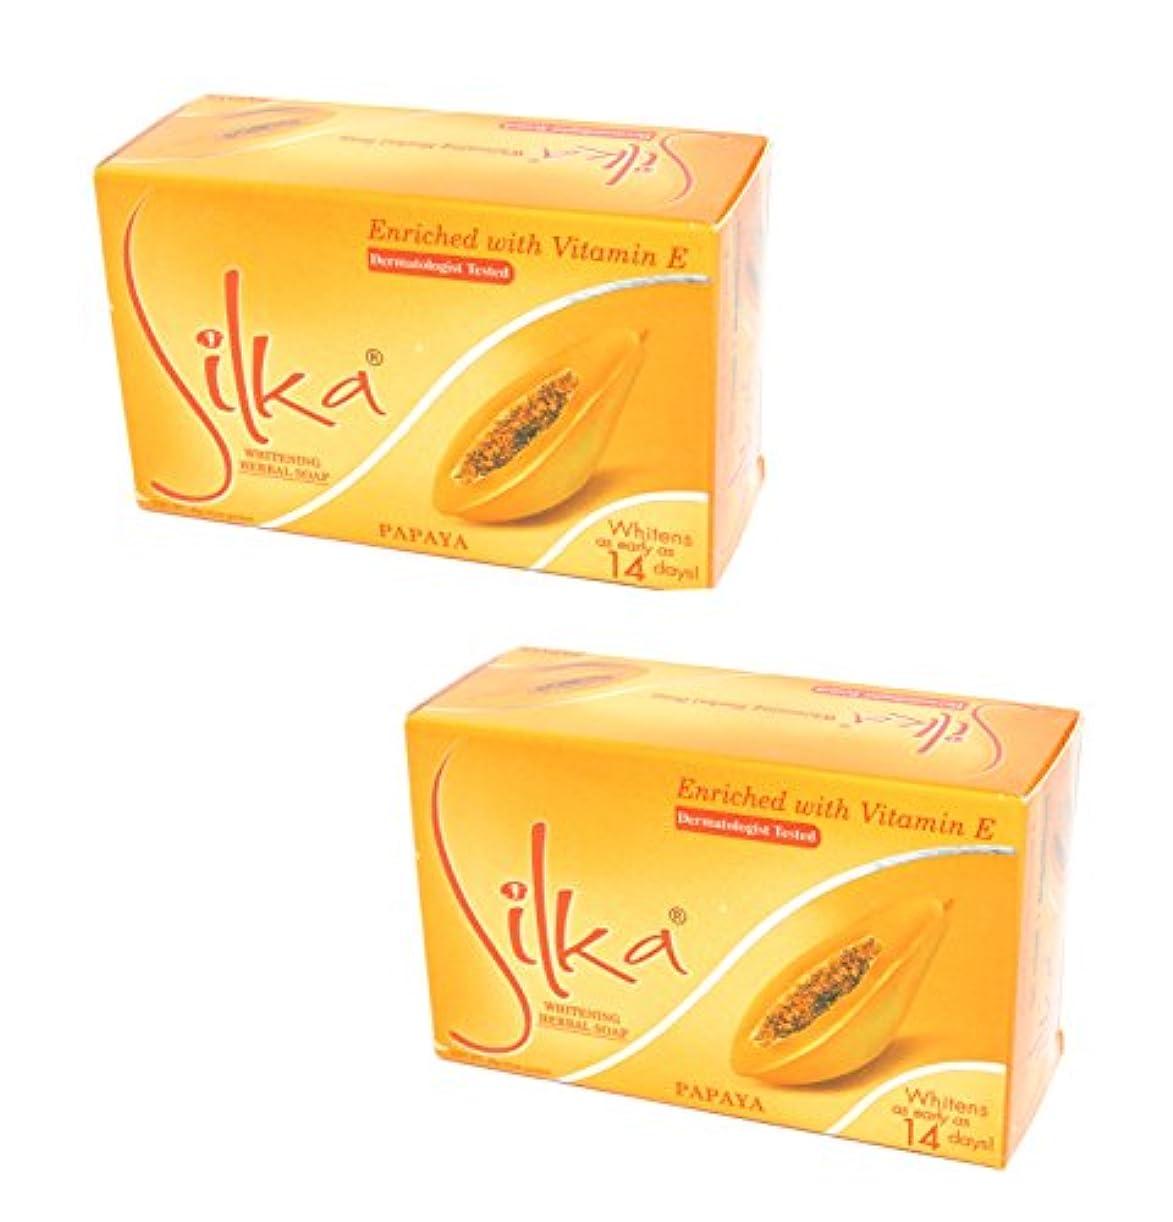 フルート特殊敵対的90g×2個セット シルカ パパイヤソープ Silka papaya soap